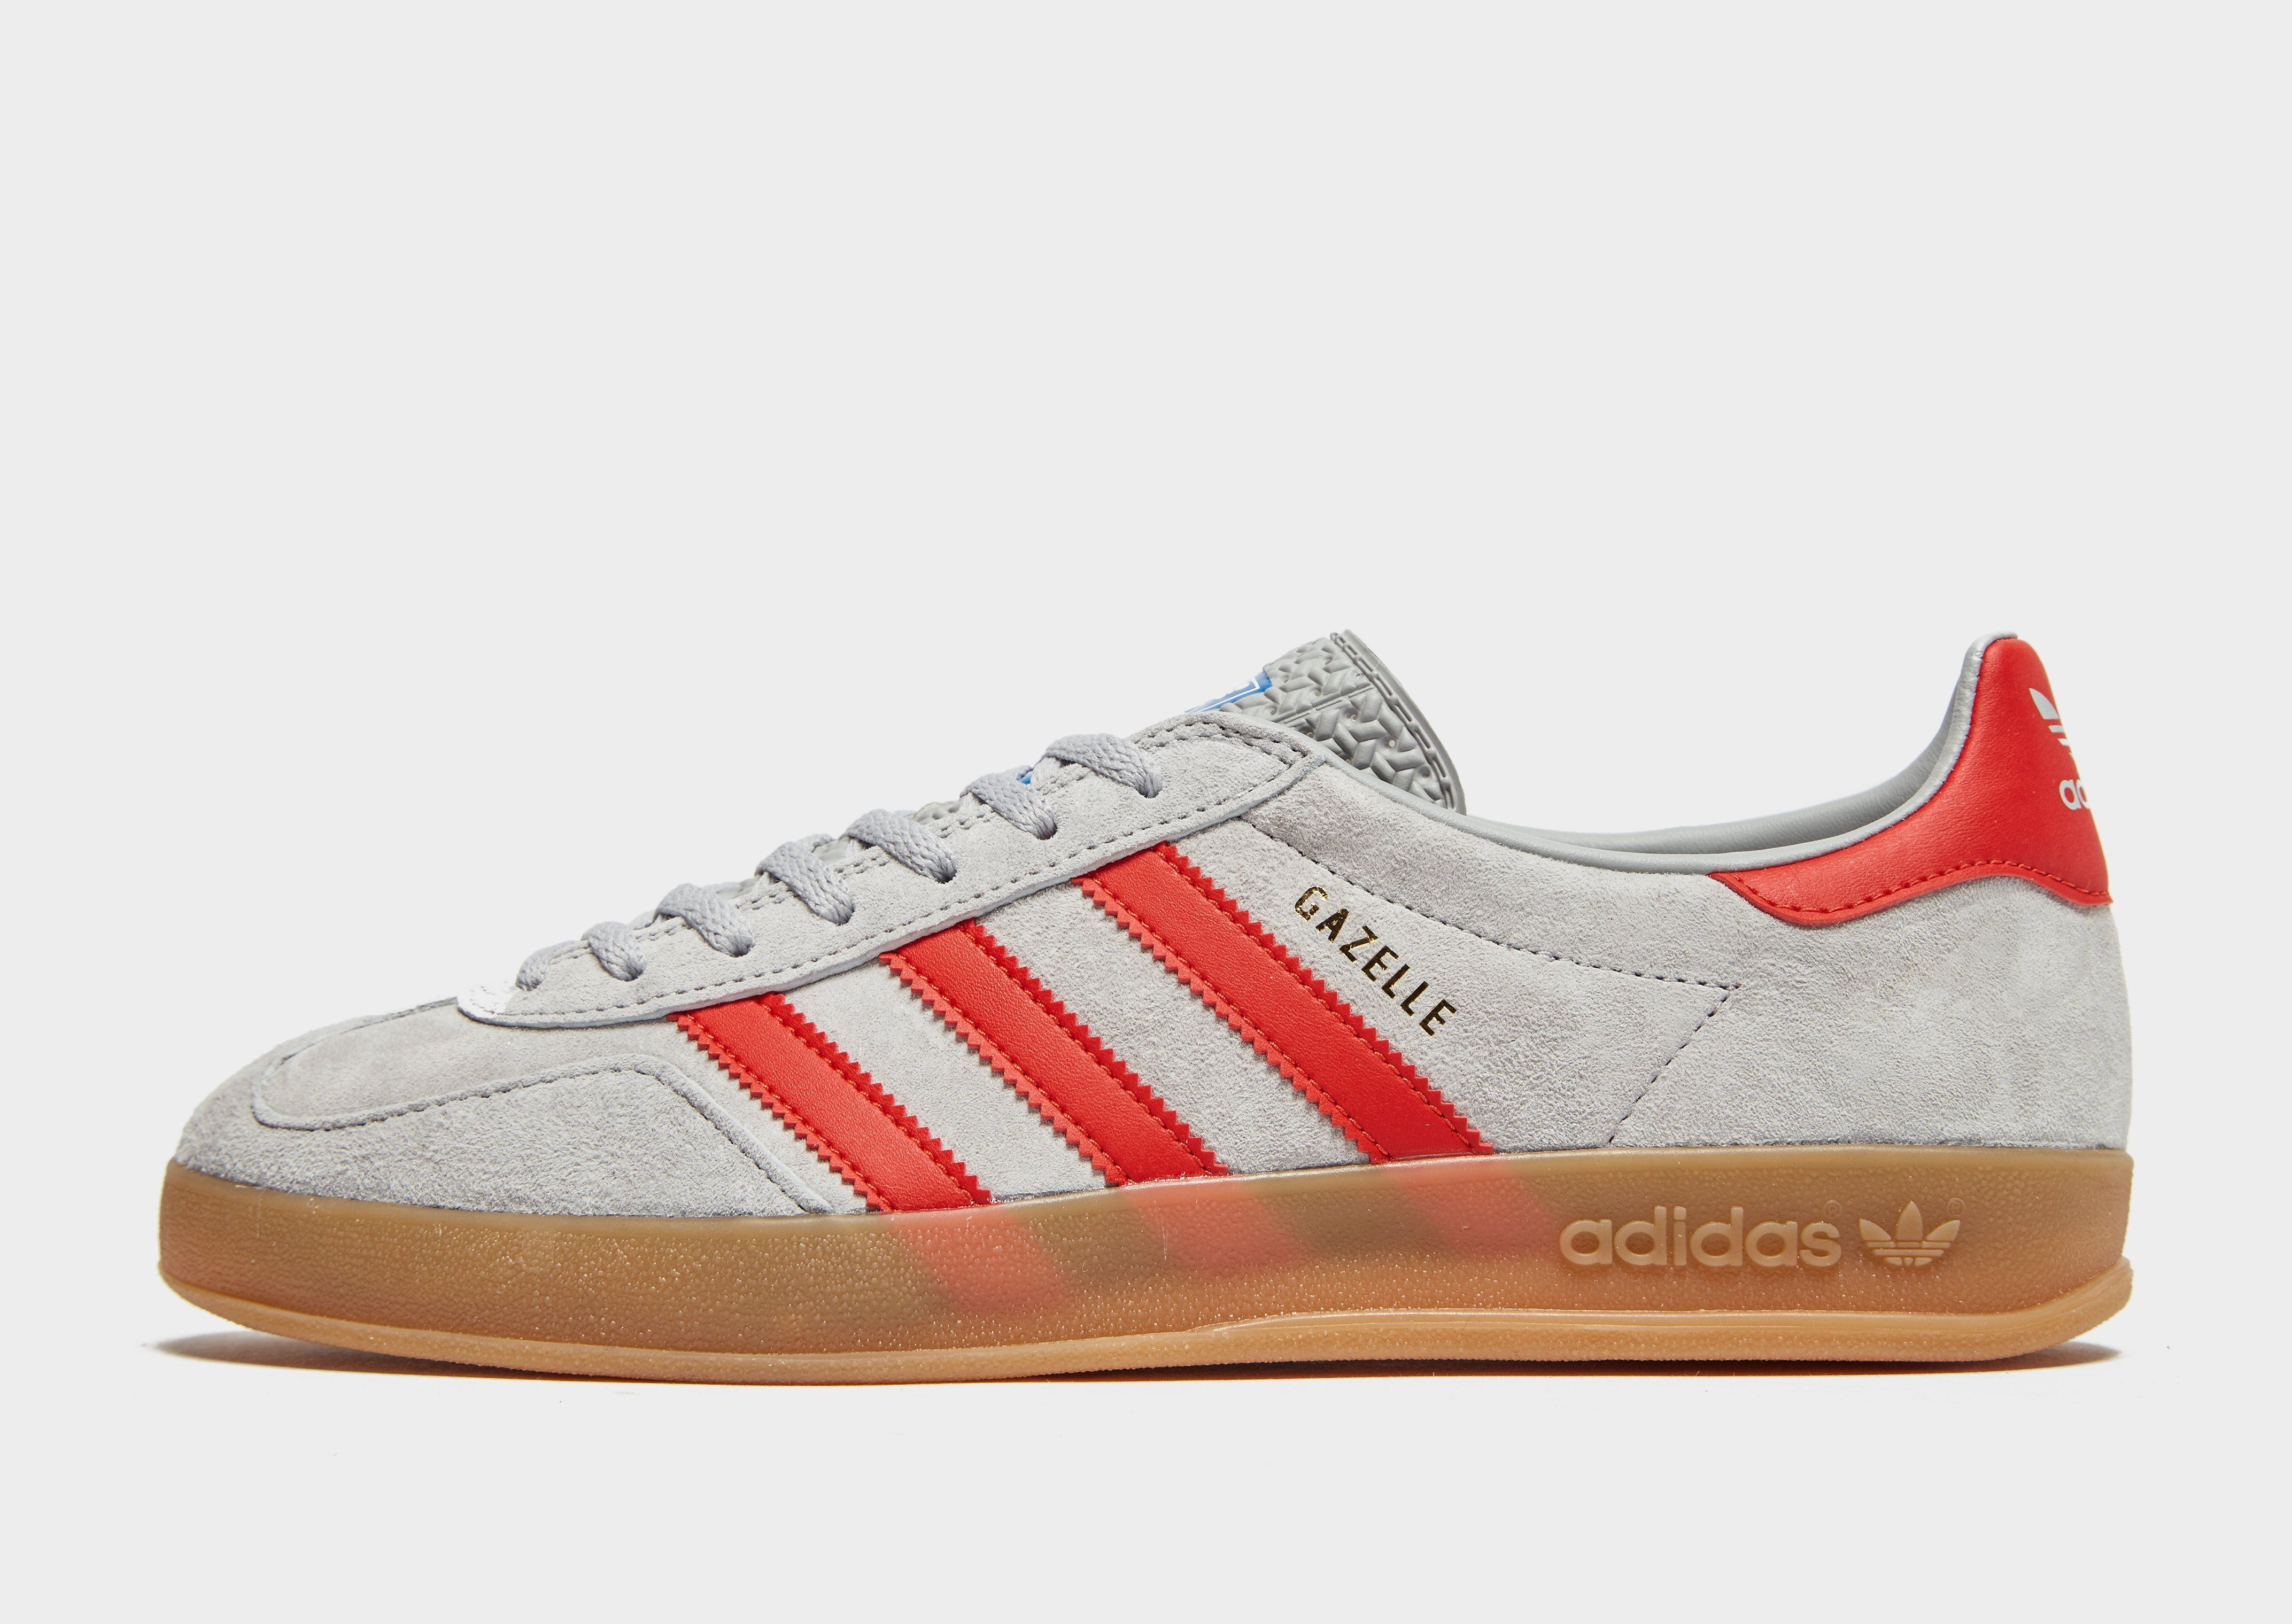 Royaume-Uni disponibilité aca98 ff9ce adidas Originals Gazelle Indoor Shoes | JD Sports